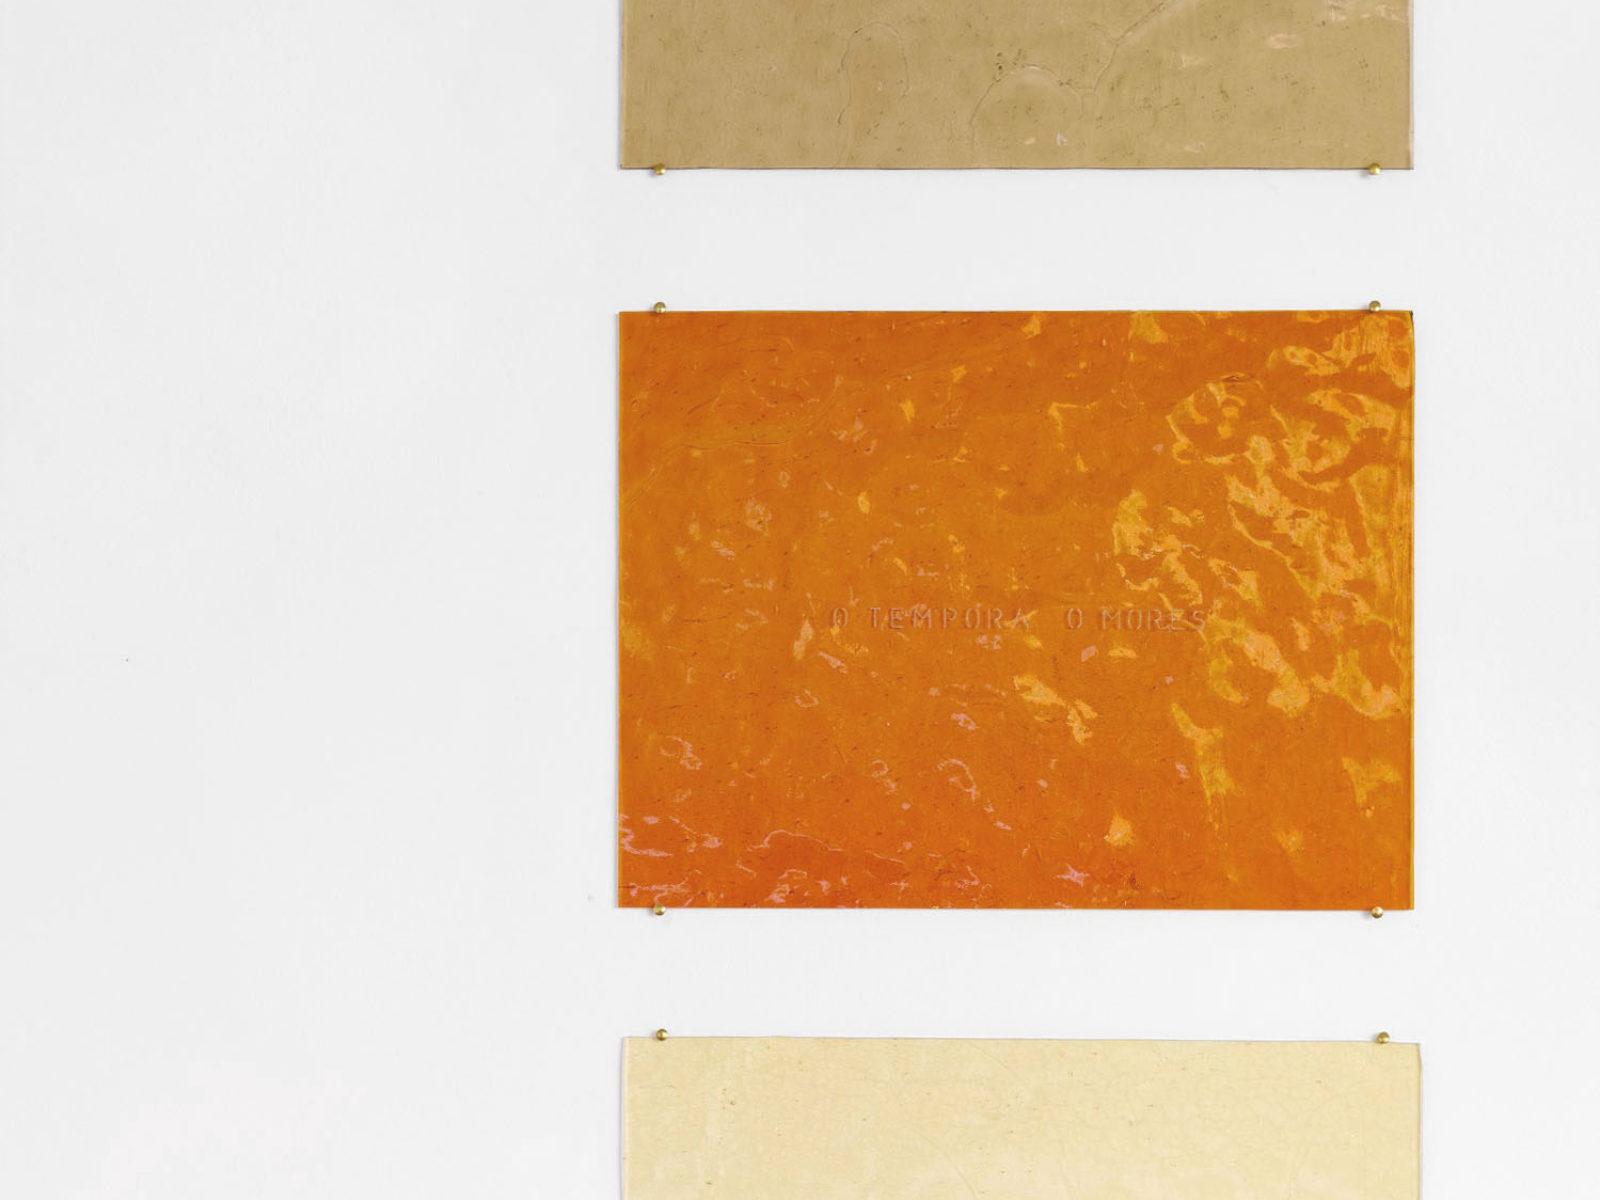 Penzo+Fiore, Rifrazioni diacroniche, (Alea iacta est, O tempora o mores, Sic semper tyrannis), 2019, engraved glass plates, ph. G. Cecchinato